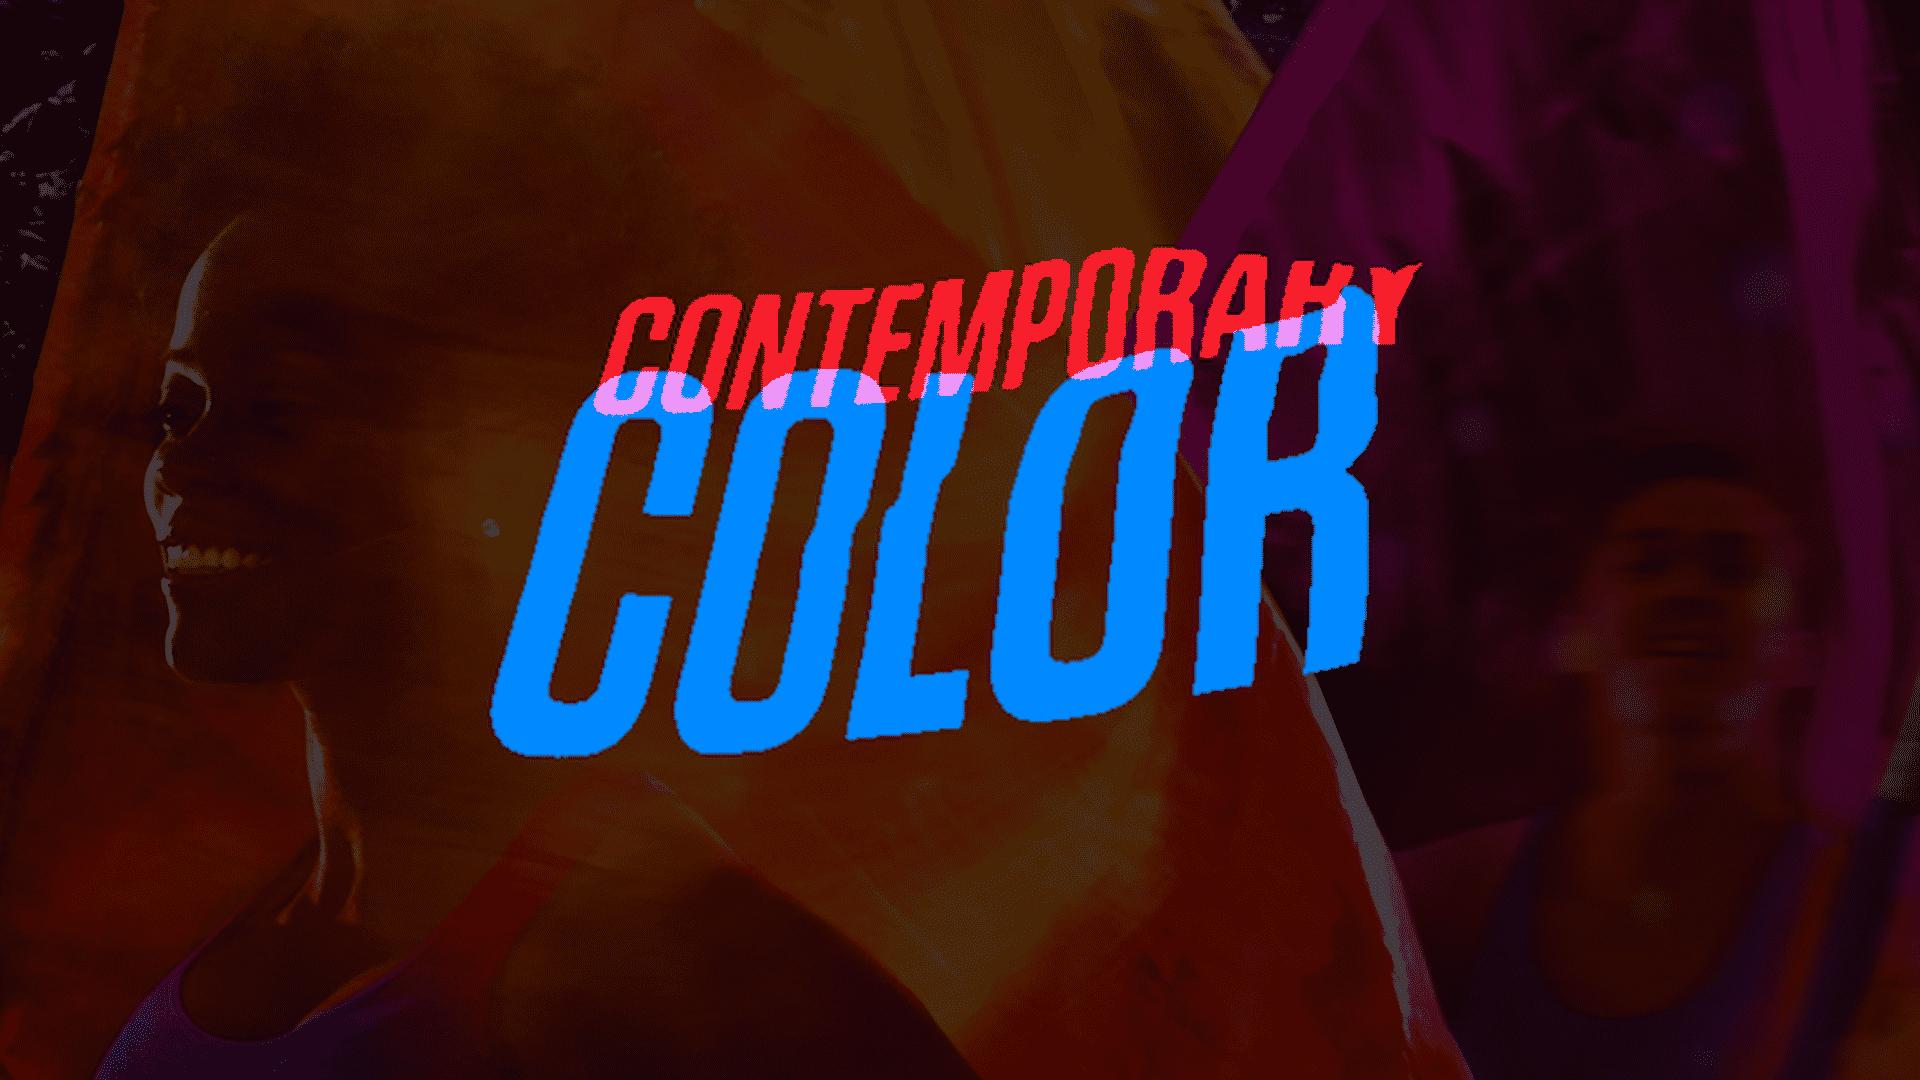 Imagen promocional de Contemporary Color